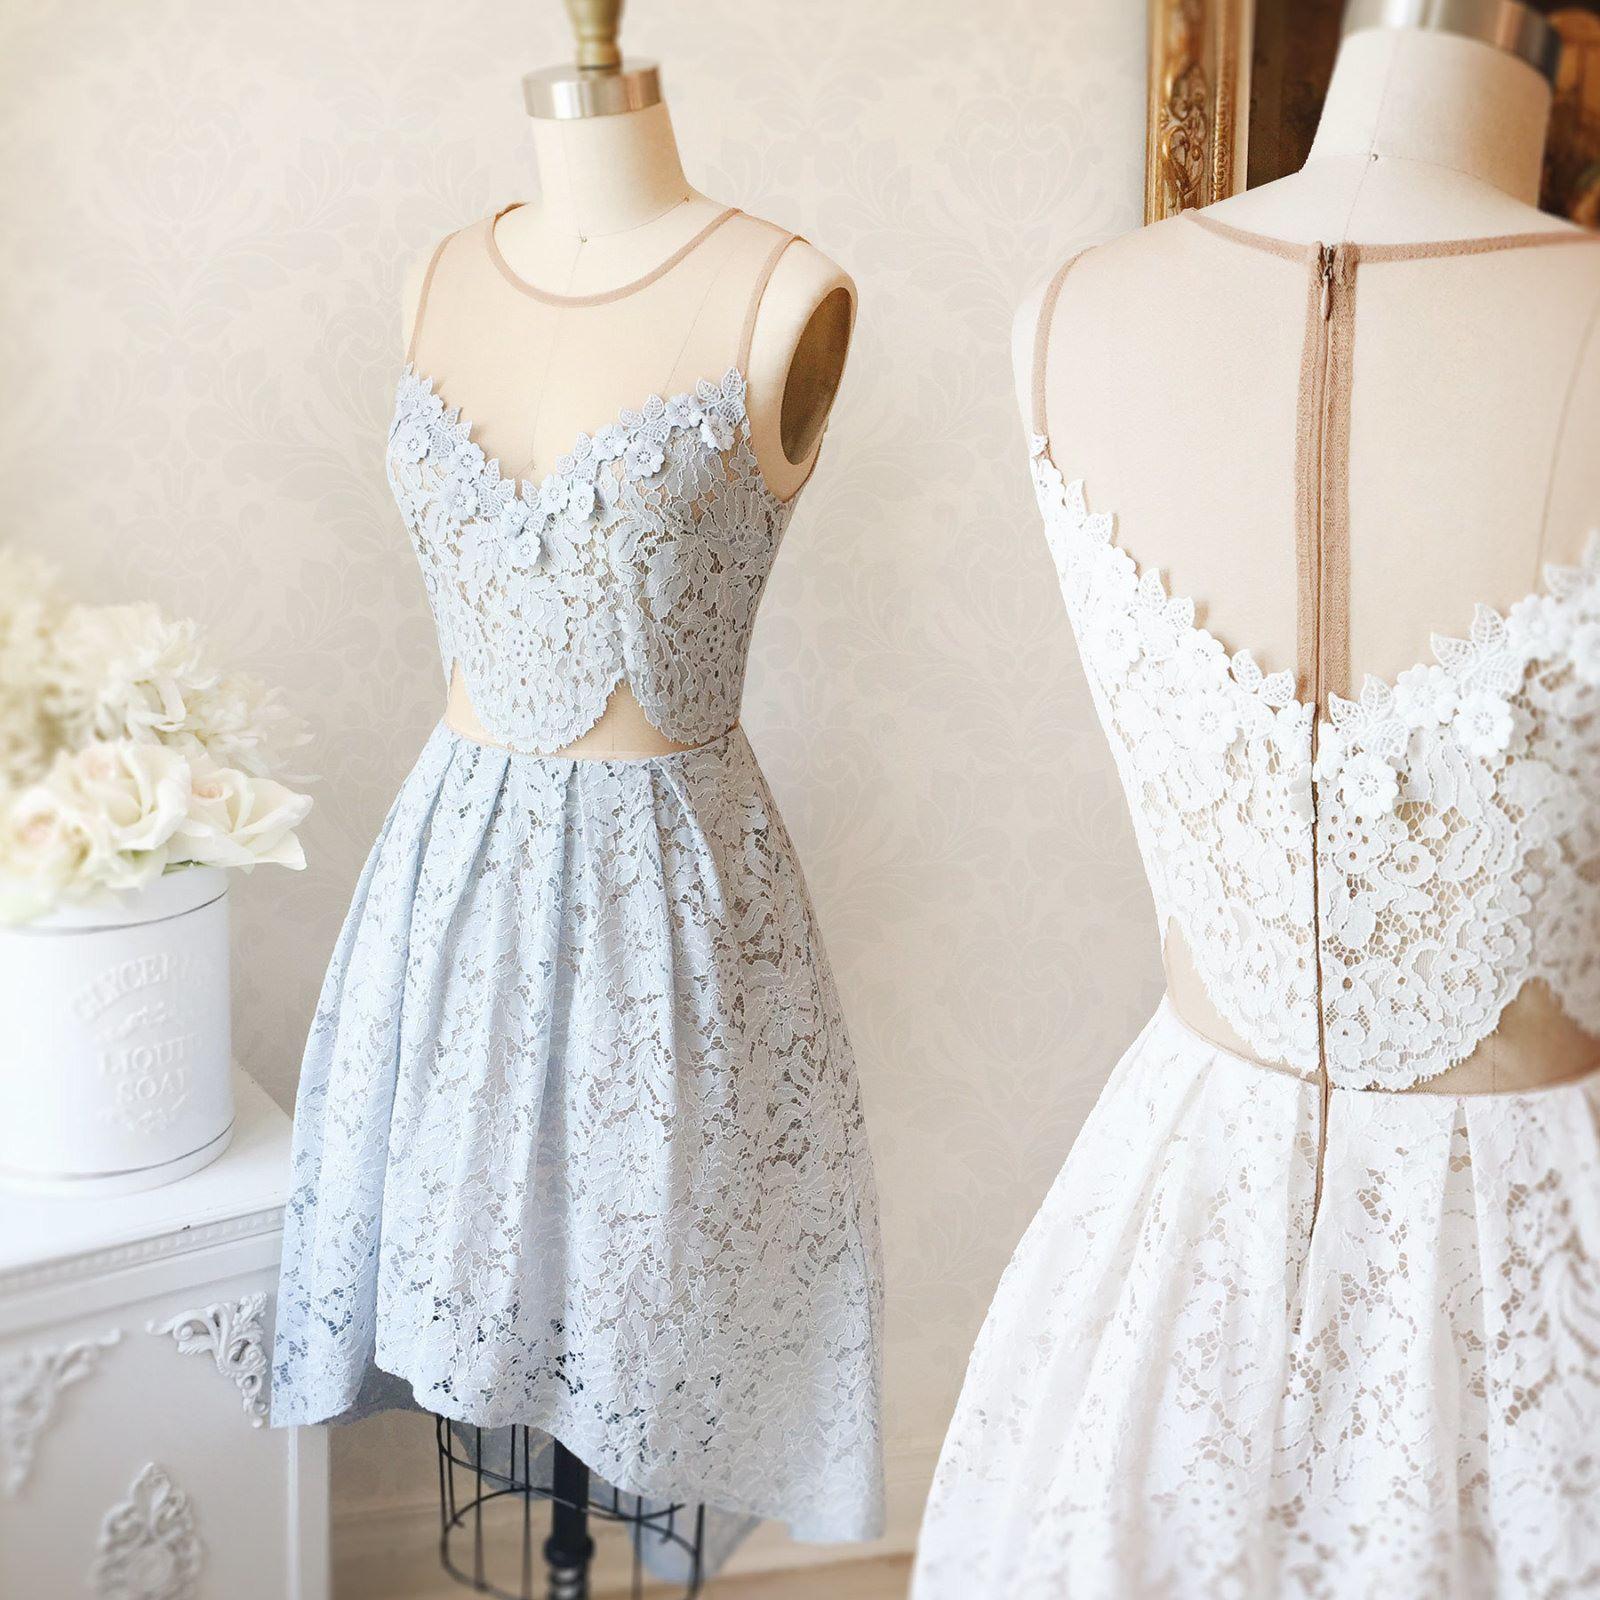 Sofi boutique boutique pinterest vintage prom